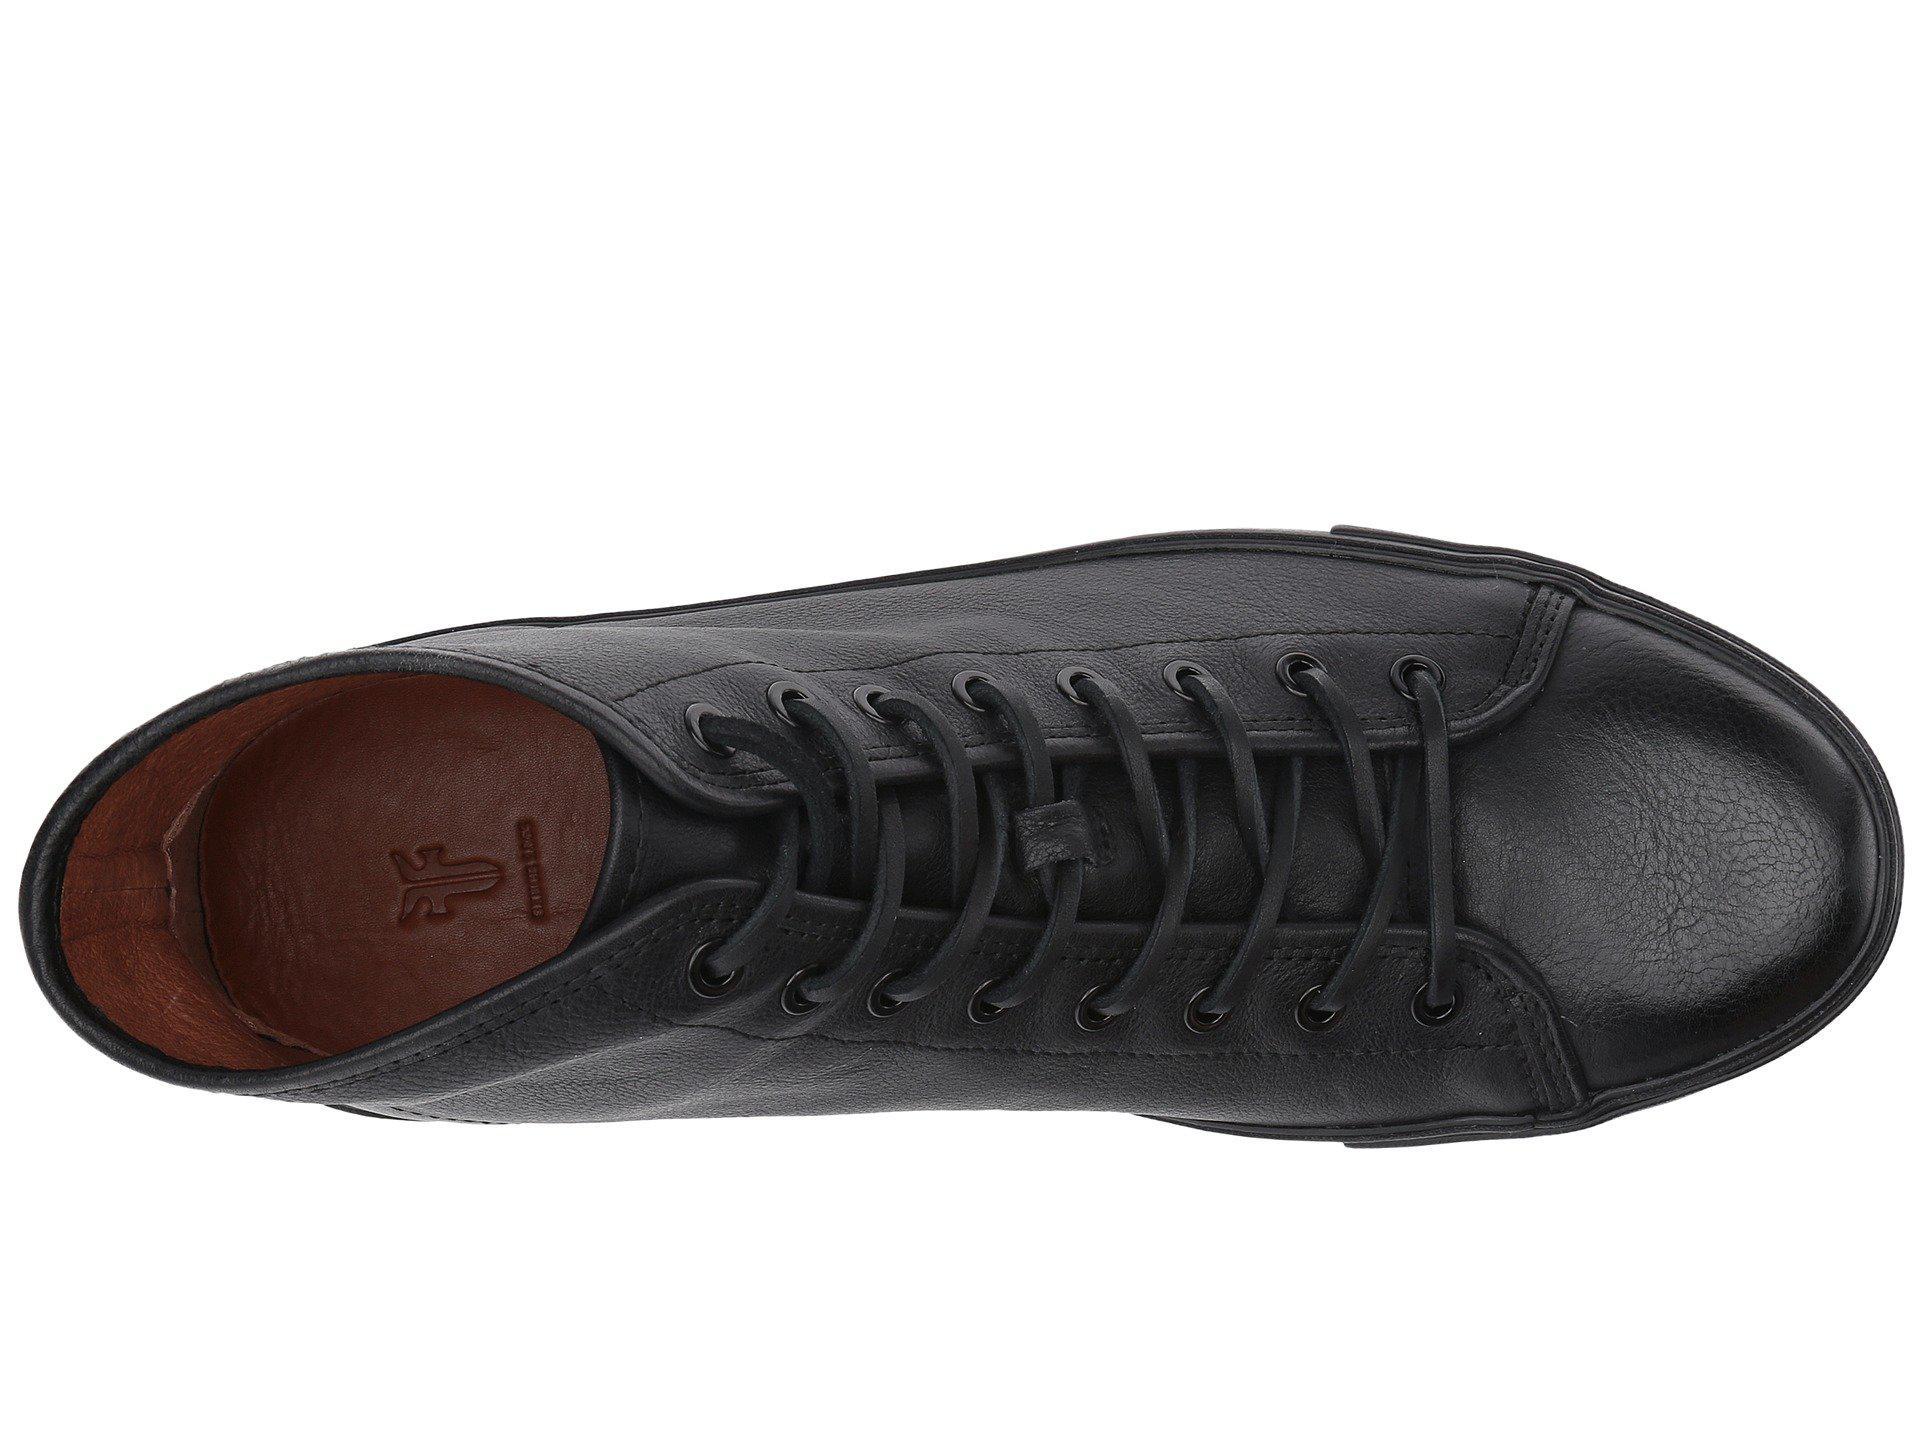 Frye Leather Brett High in Black for